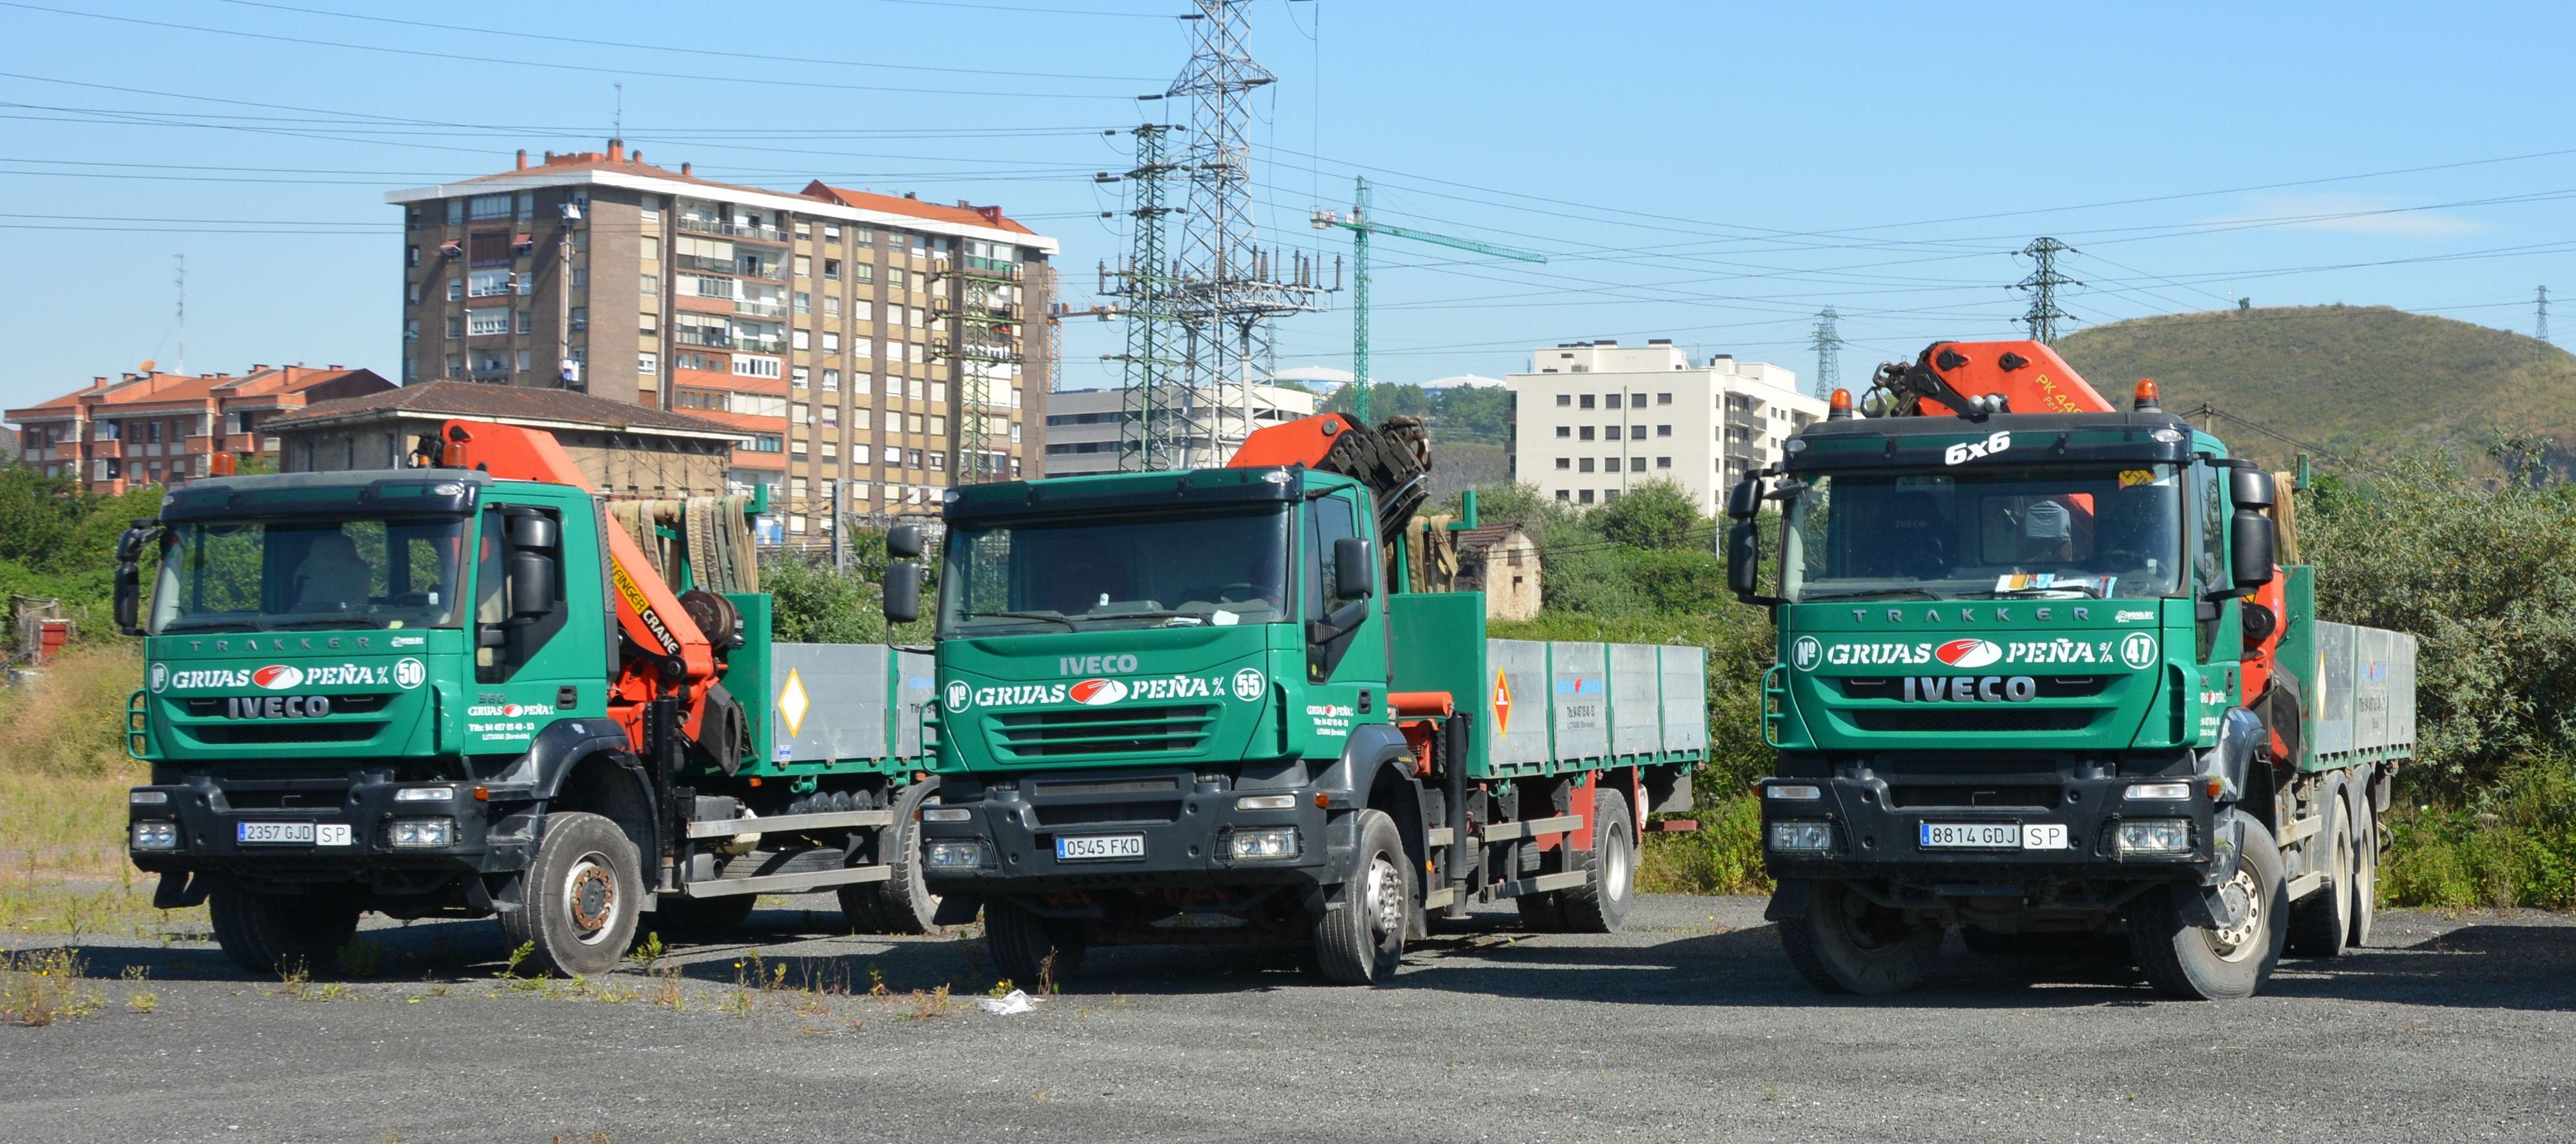 Foto 8 de Alquiler de camiones con grúa en Barakaldo | Camiones con Grúas Peña